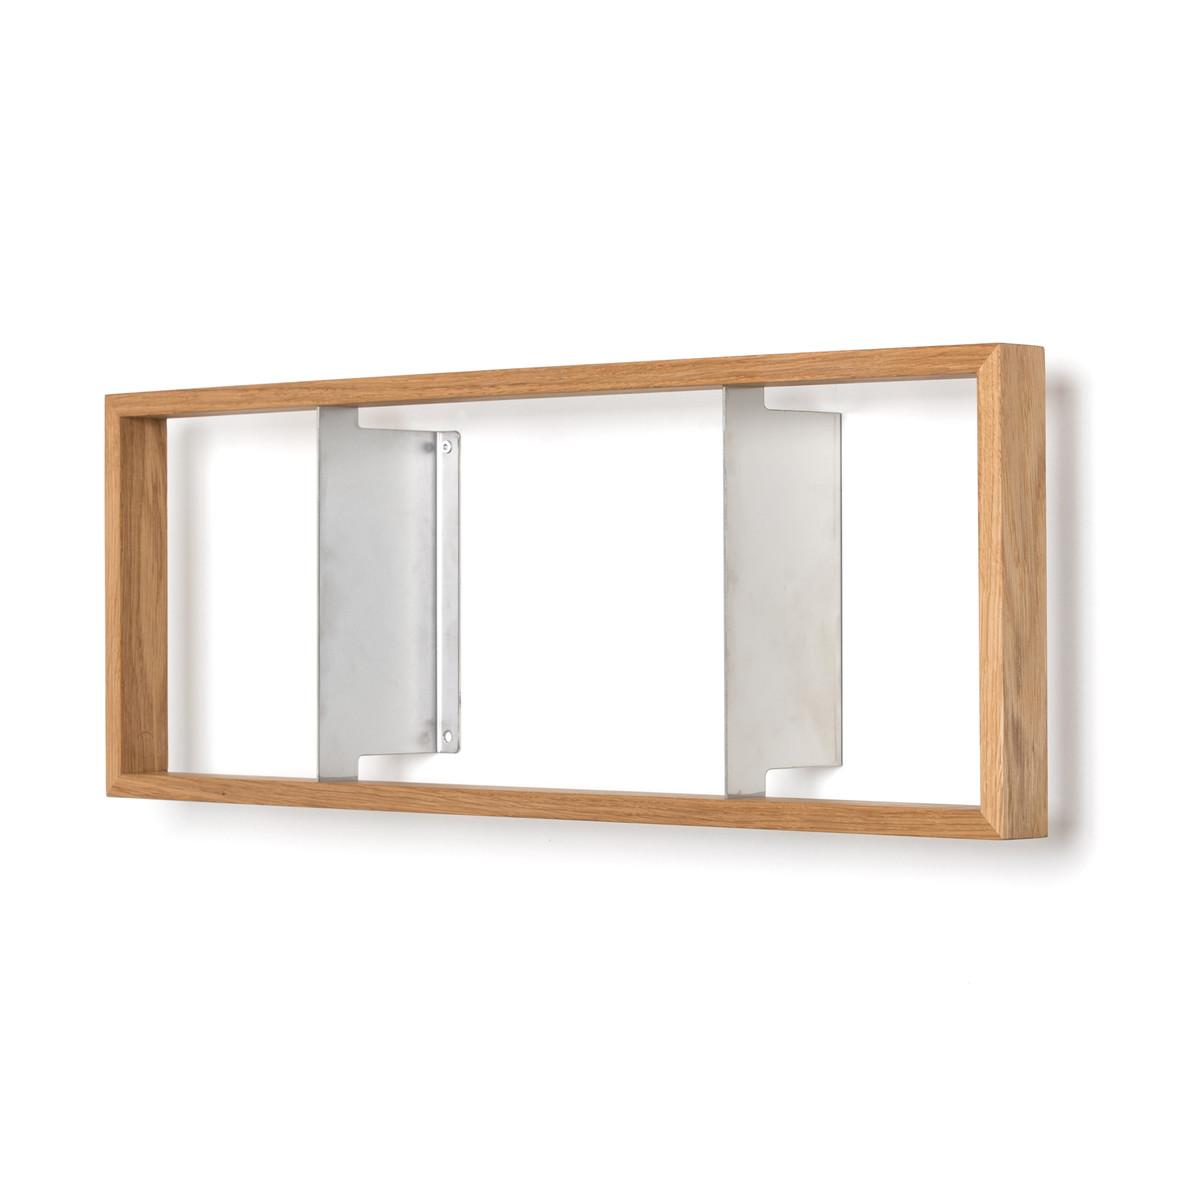 das kleine b regal b6 h 252 x b 690 mm eiche natur t 10 h 25 b 69 online kaufen bei woonio. Black Bedroom Furniture Sets. Home Design Ideas